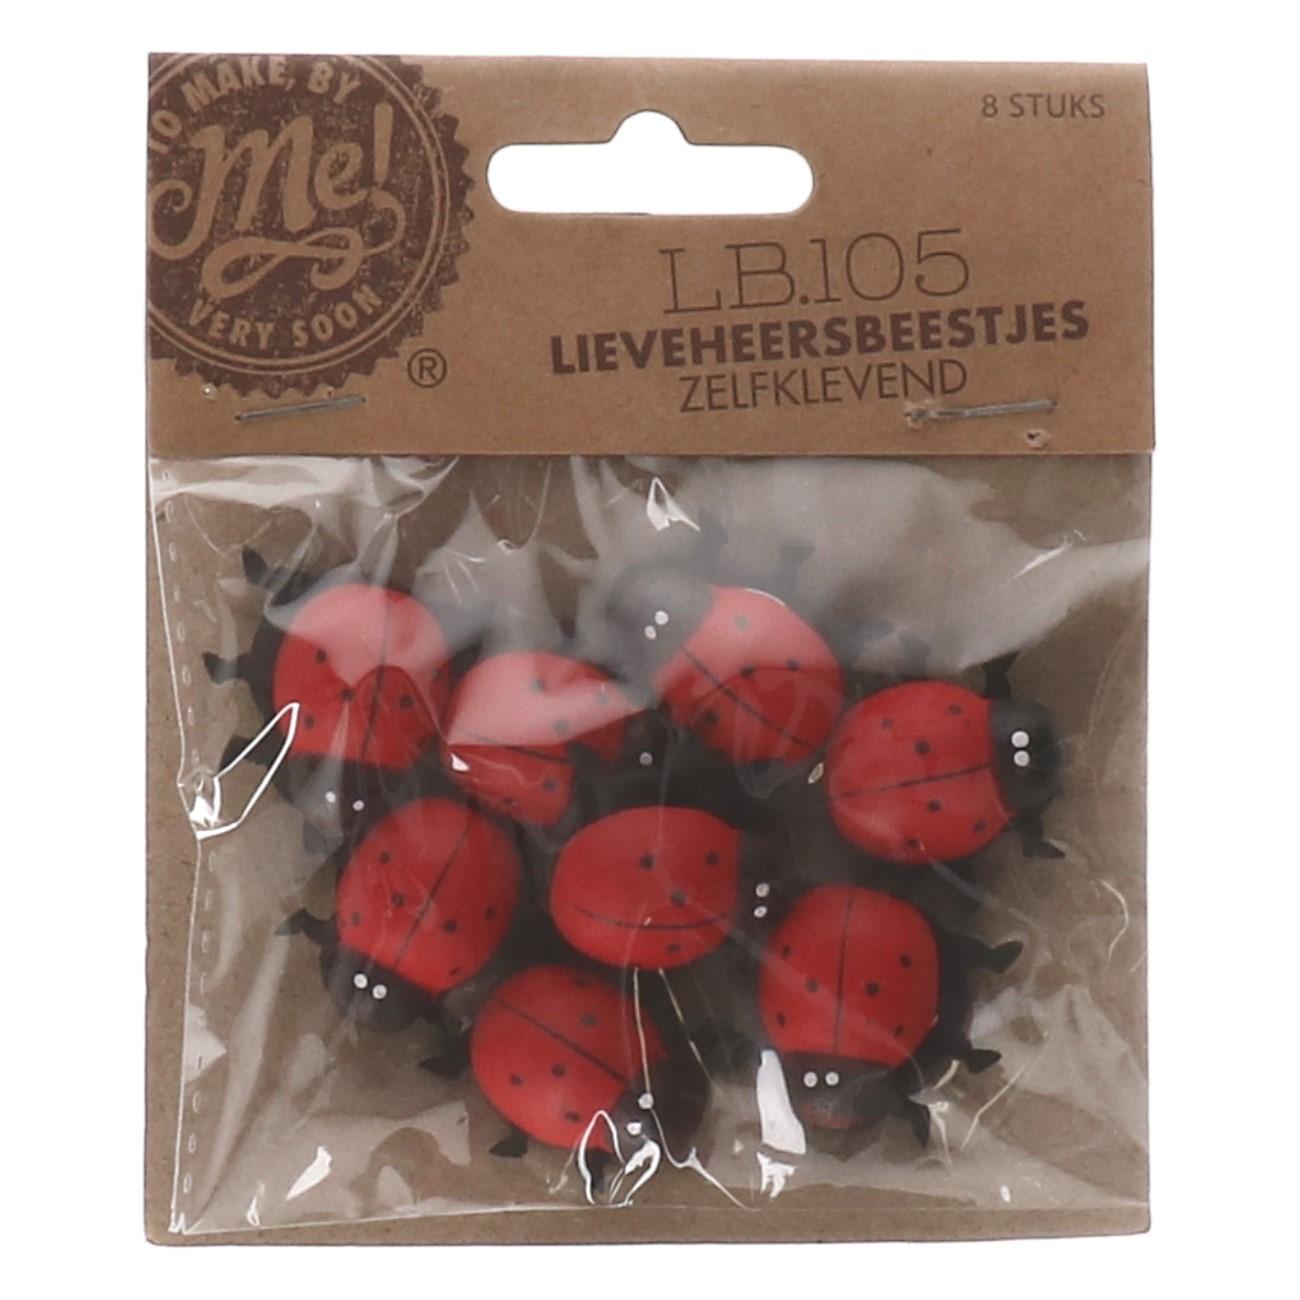 Lieveheersbeestjes zelfklevend LB.105